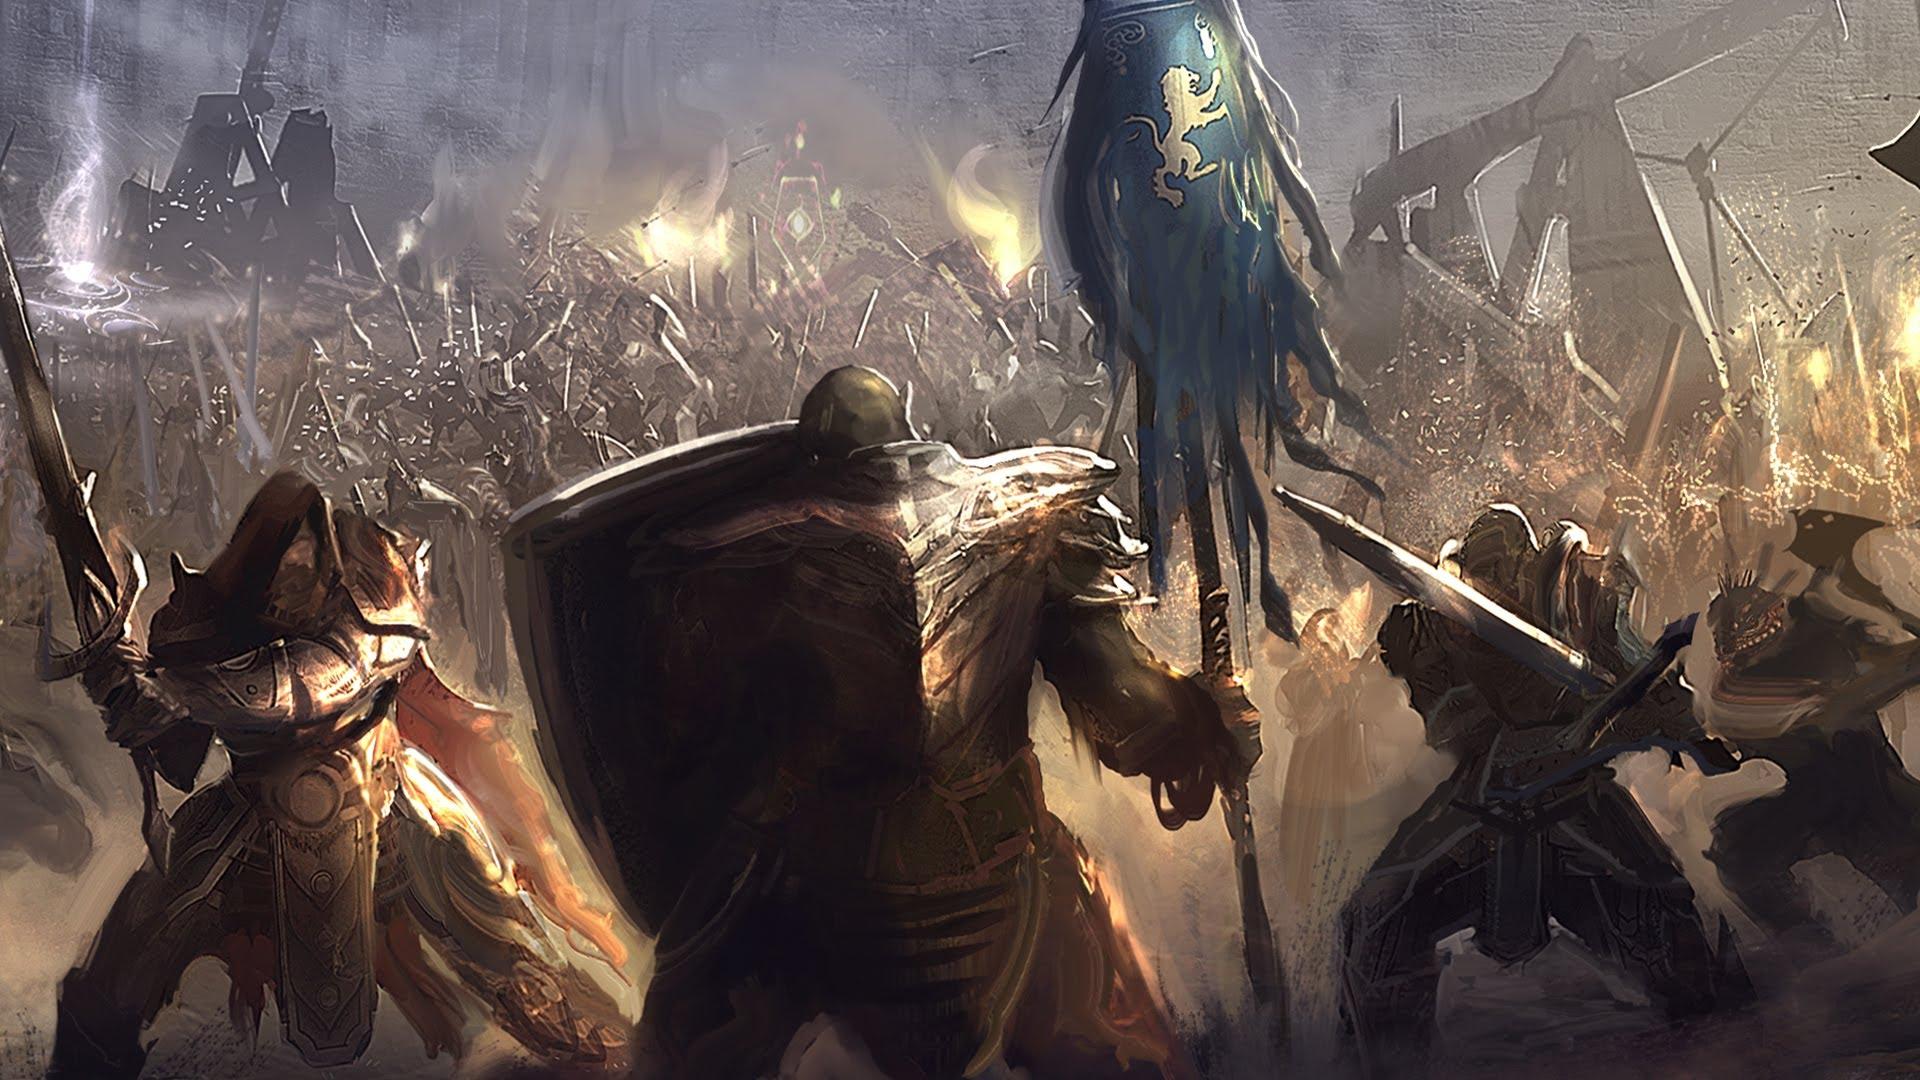 Free Download Elder Scrolls Online Aldmeri Dominion Wallpaper 109